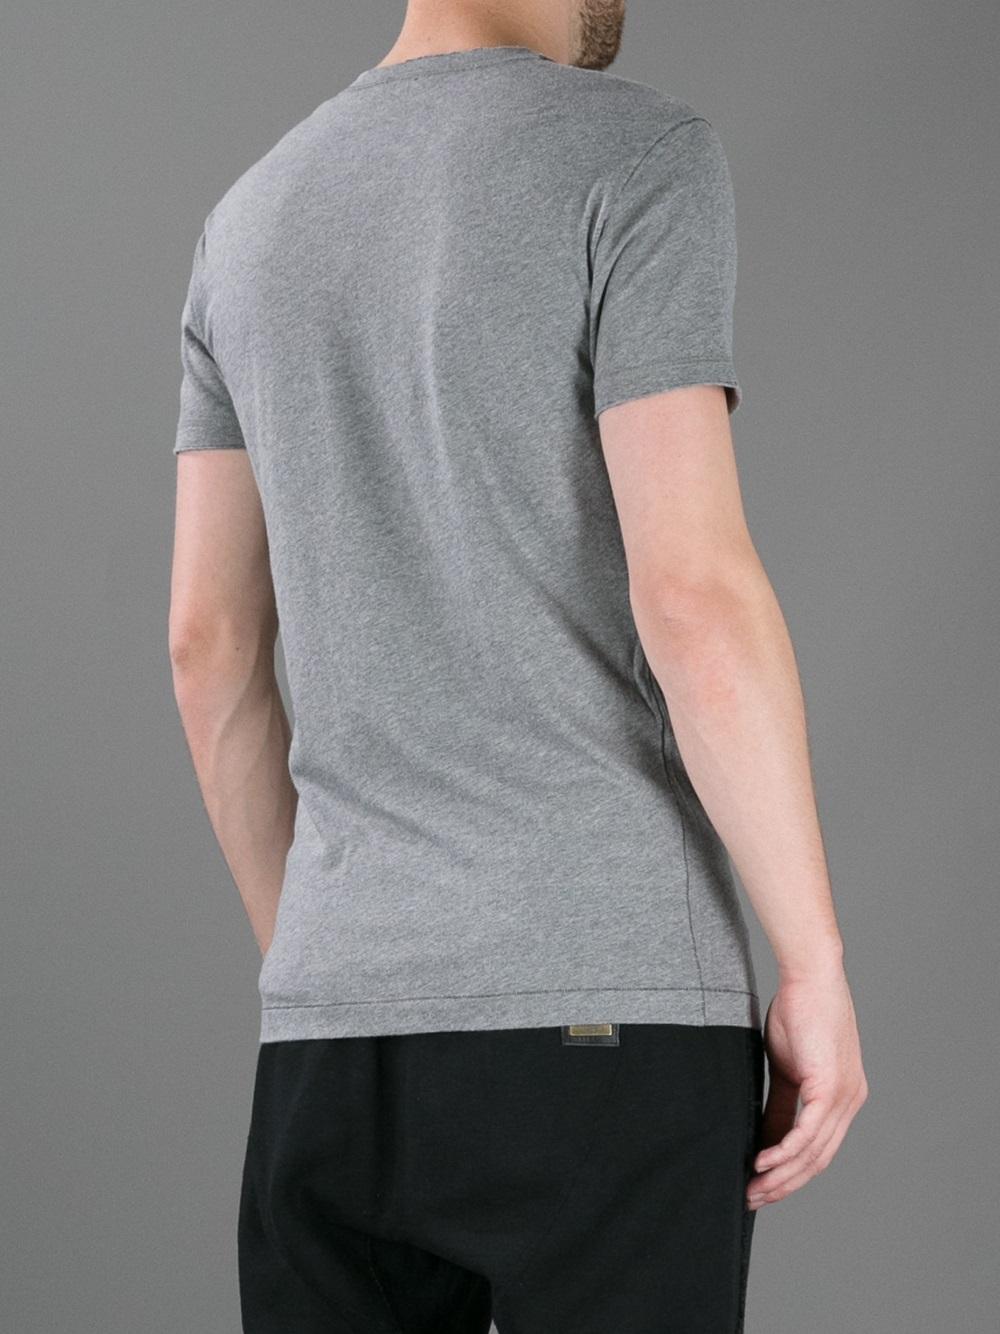 Lyst dolce gabbana muhammad ali printed tshirt in gray for Dolce and gabbana printed t shirts